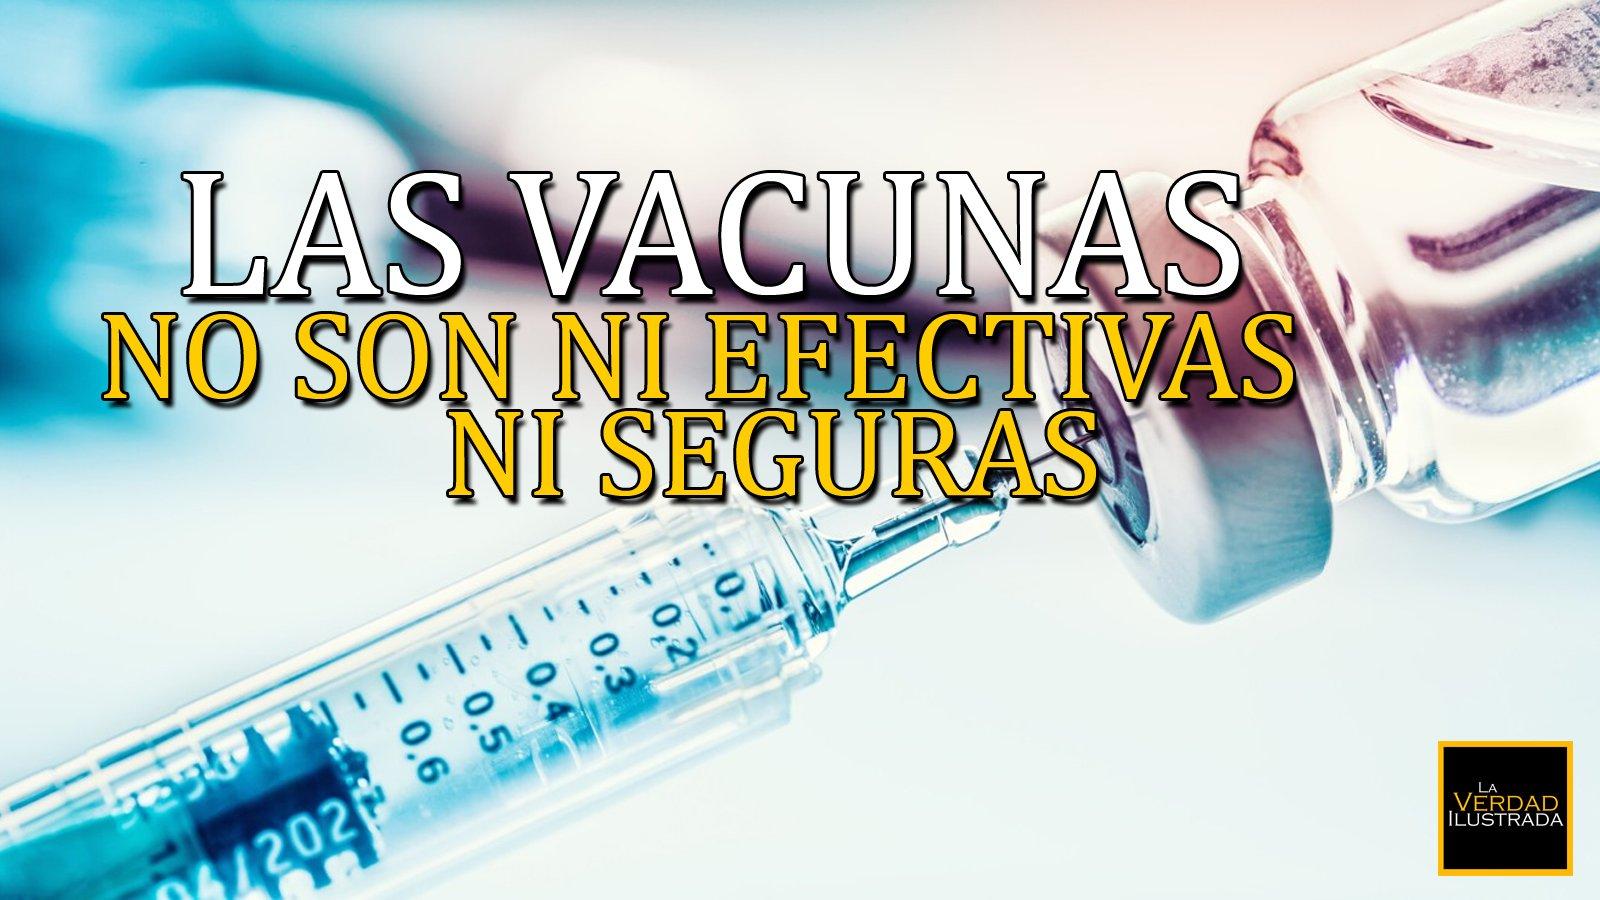 Las vacunas no son ni efectivas ni seguras